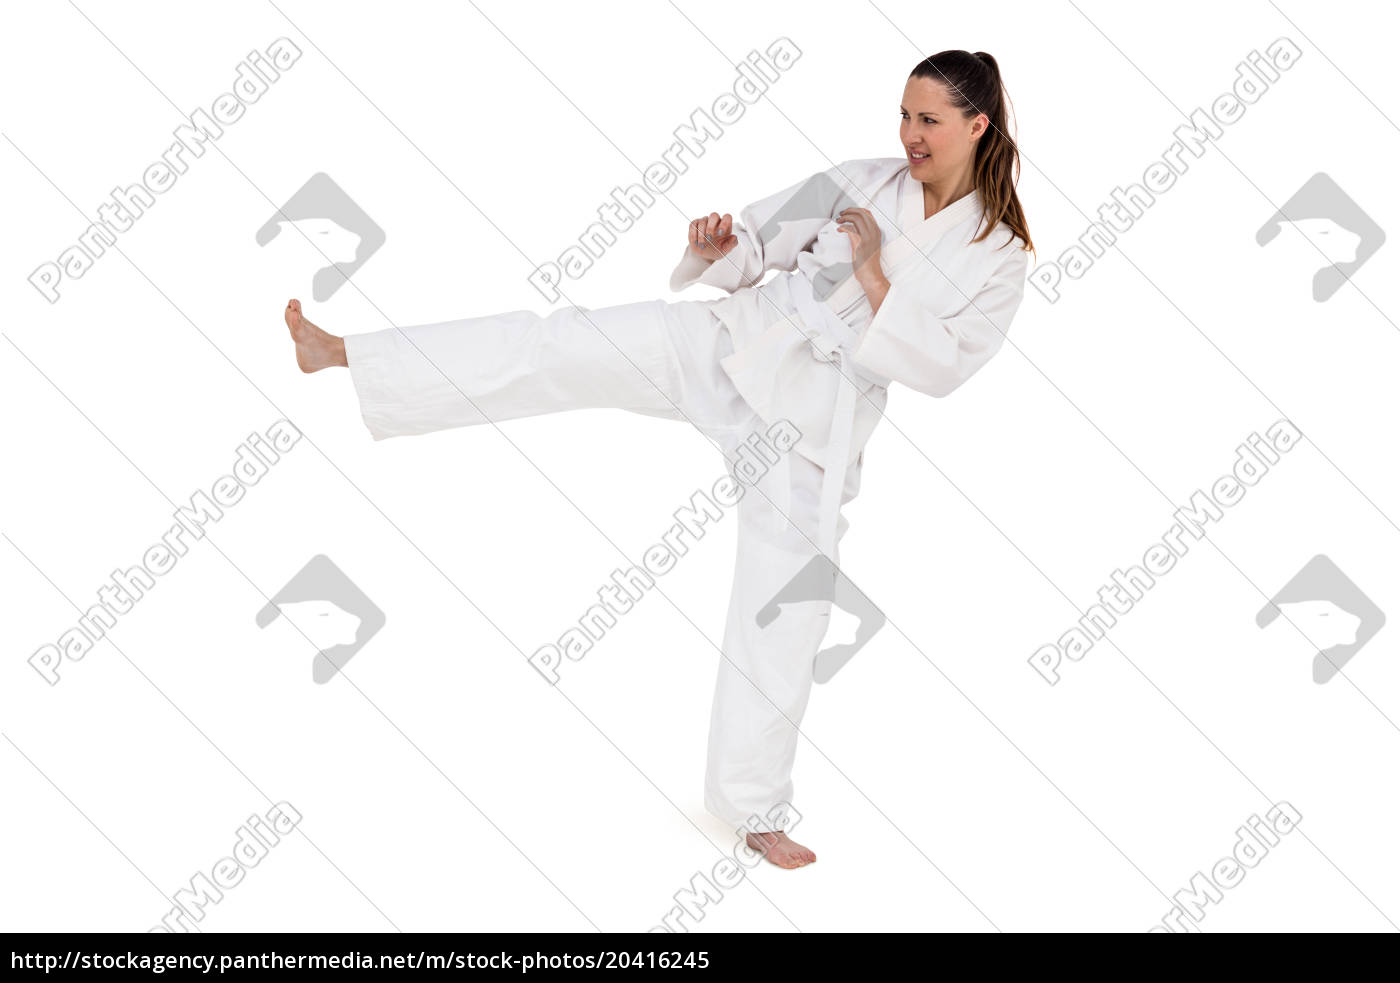 kämpfer, der, karatestellung, durchführt - 20416245